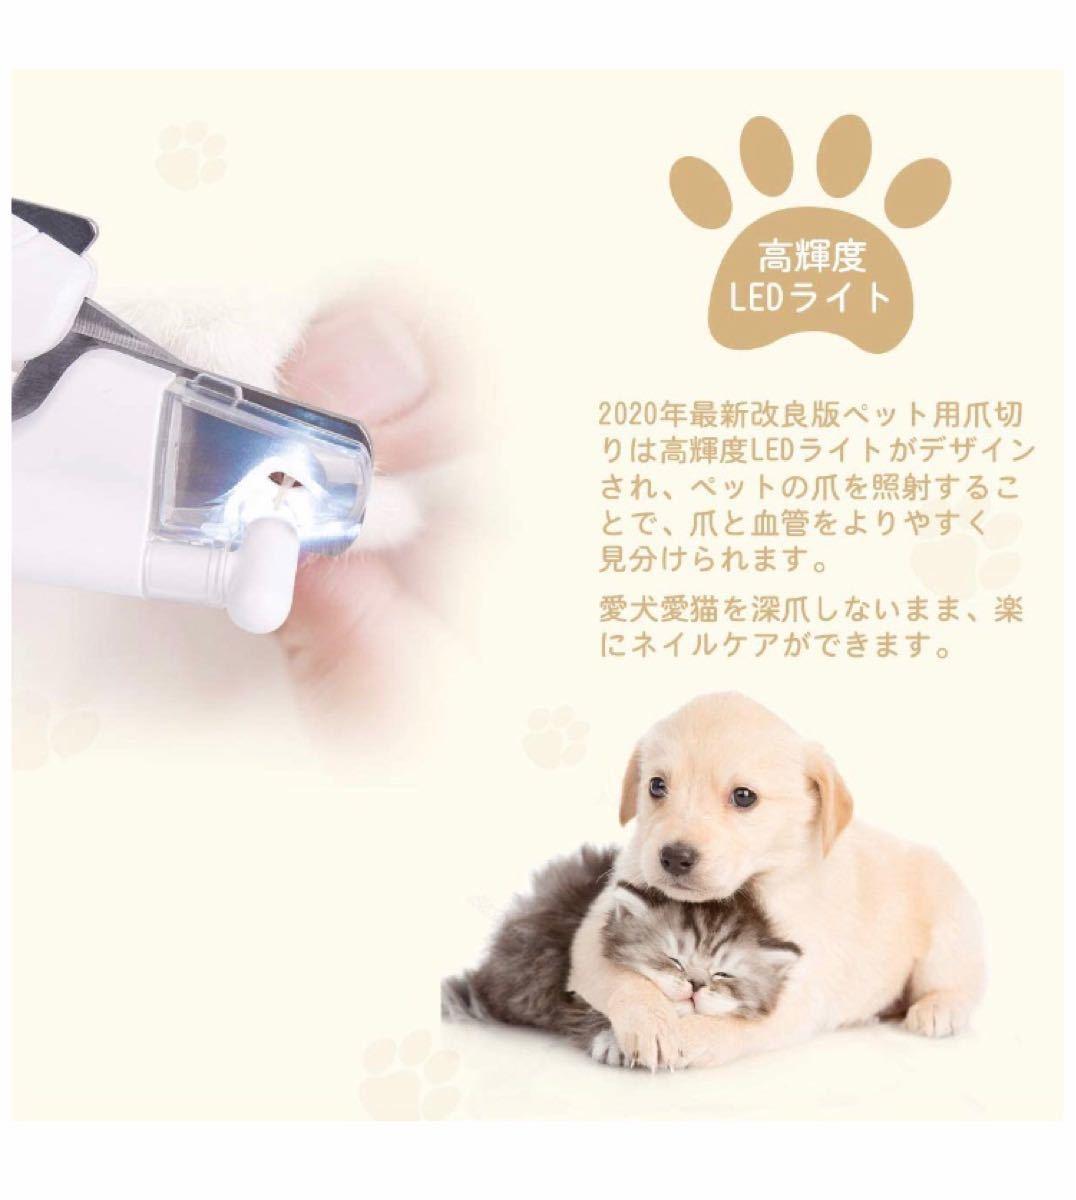 ペット用爪きり 犬用爪切り 猫用爪切り 高輝度LEDライト付き